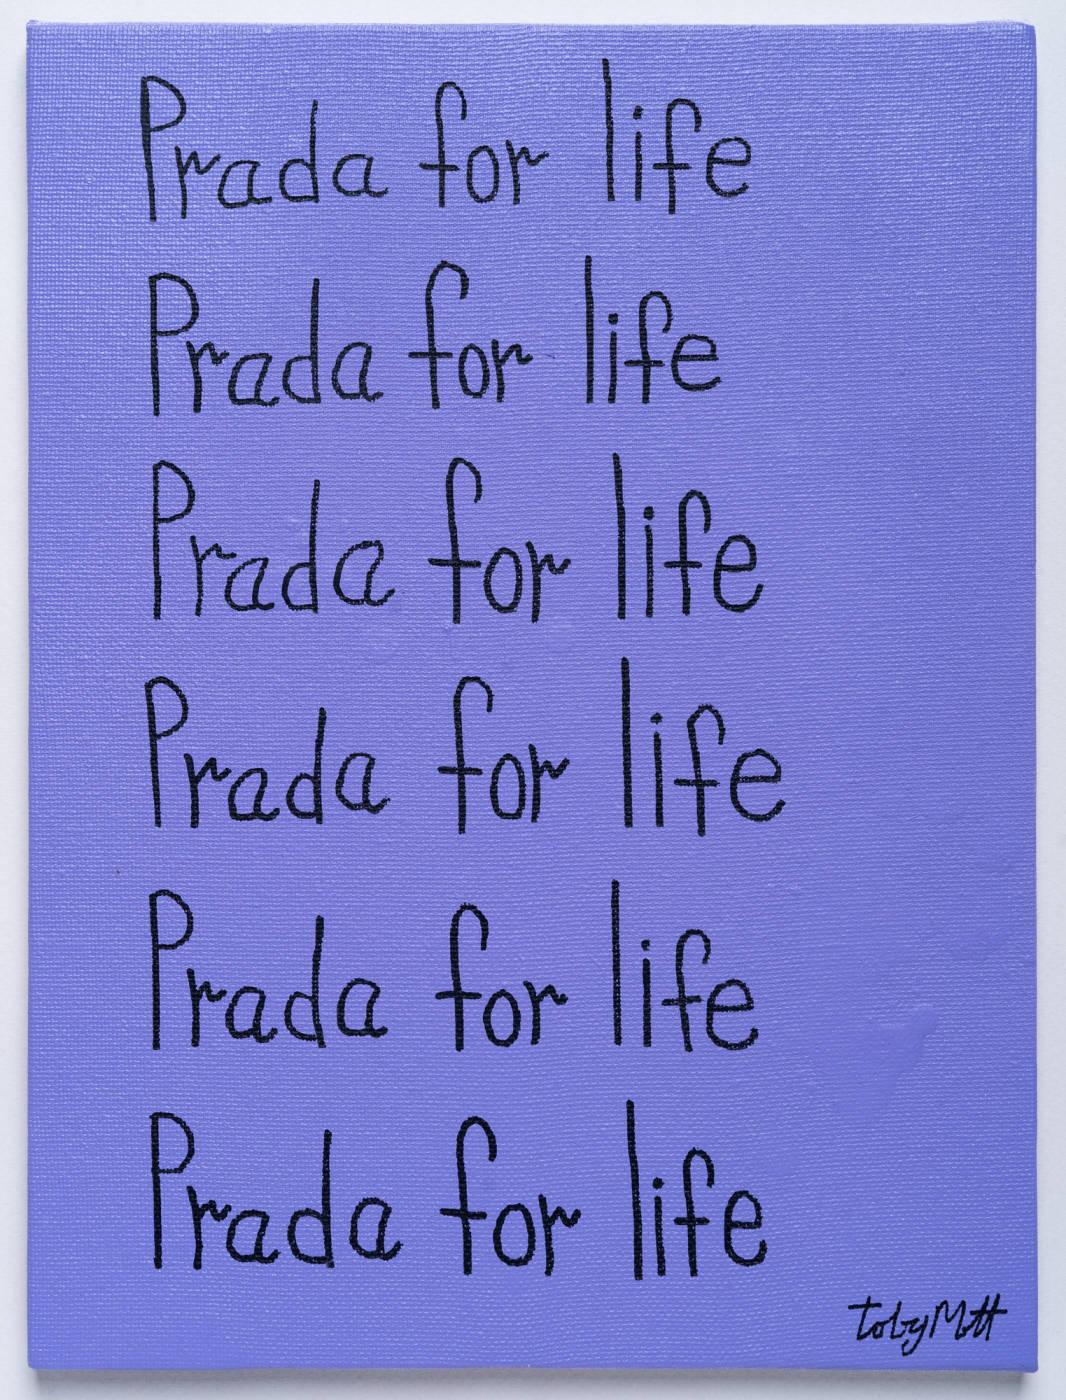 Prada for life